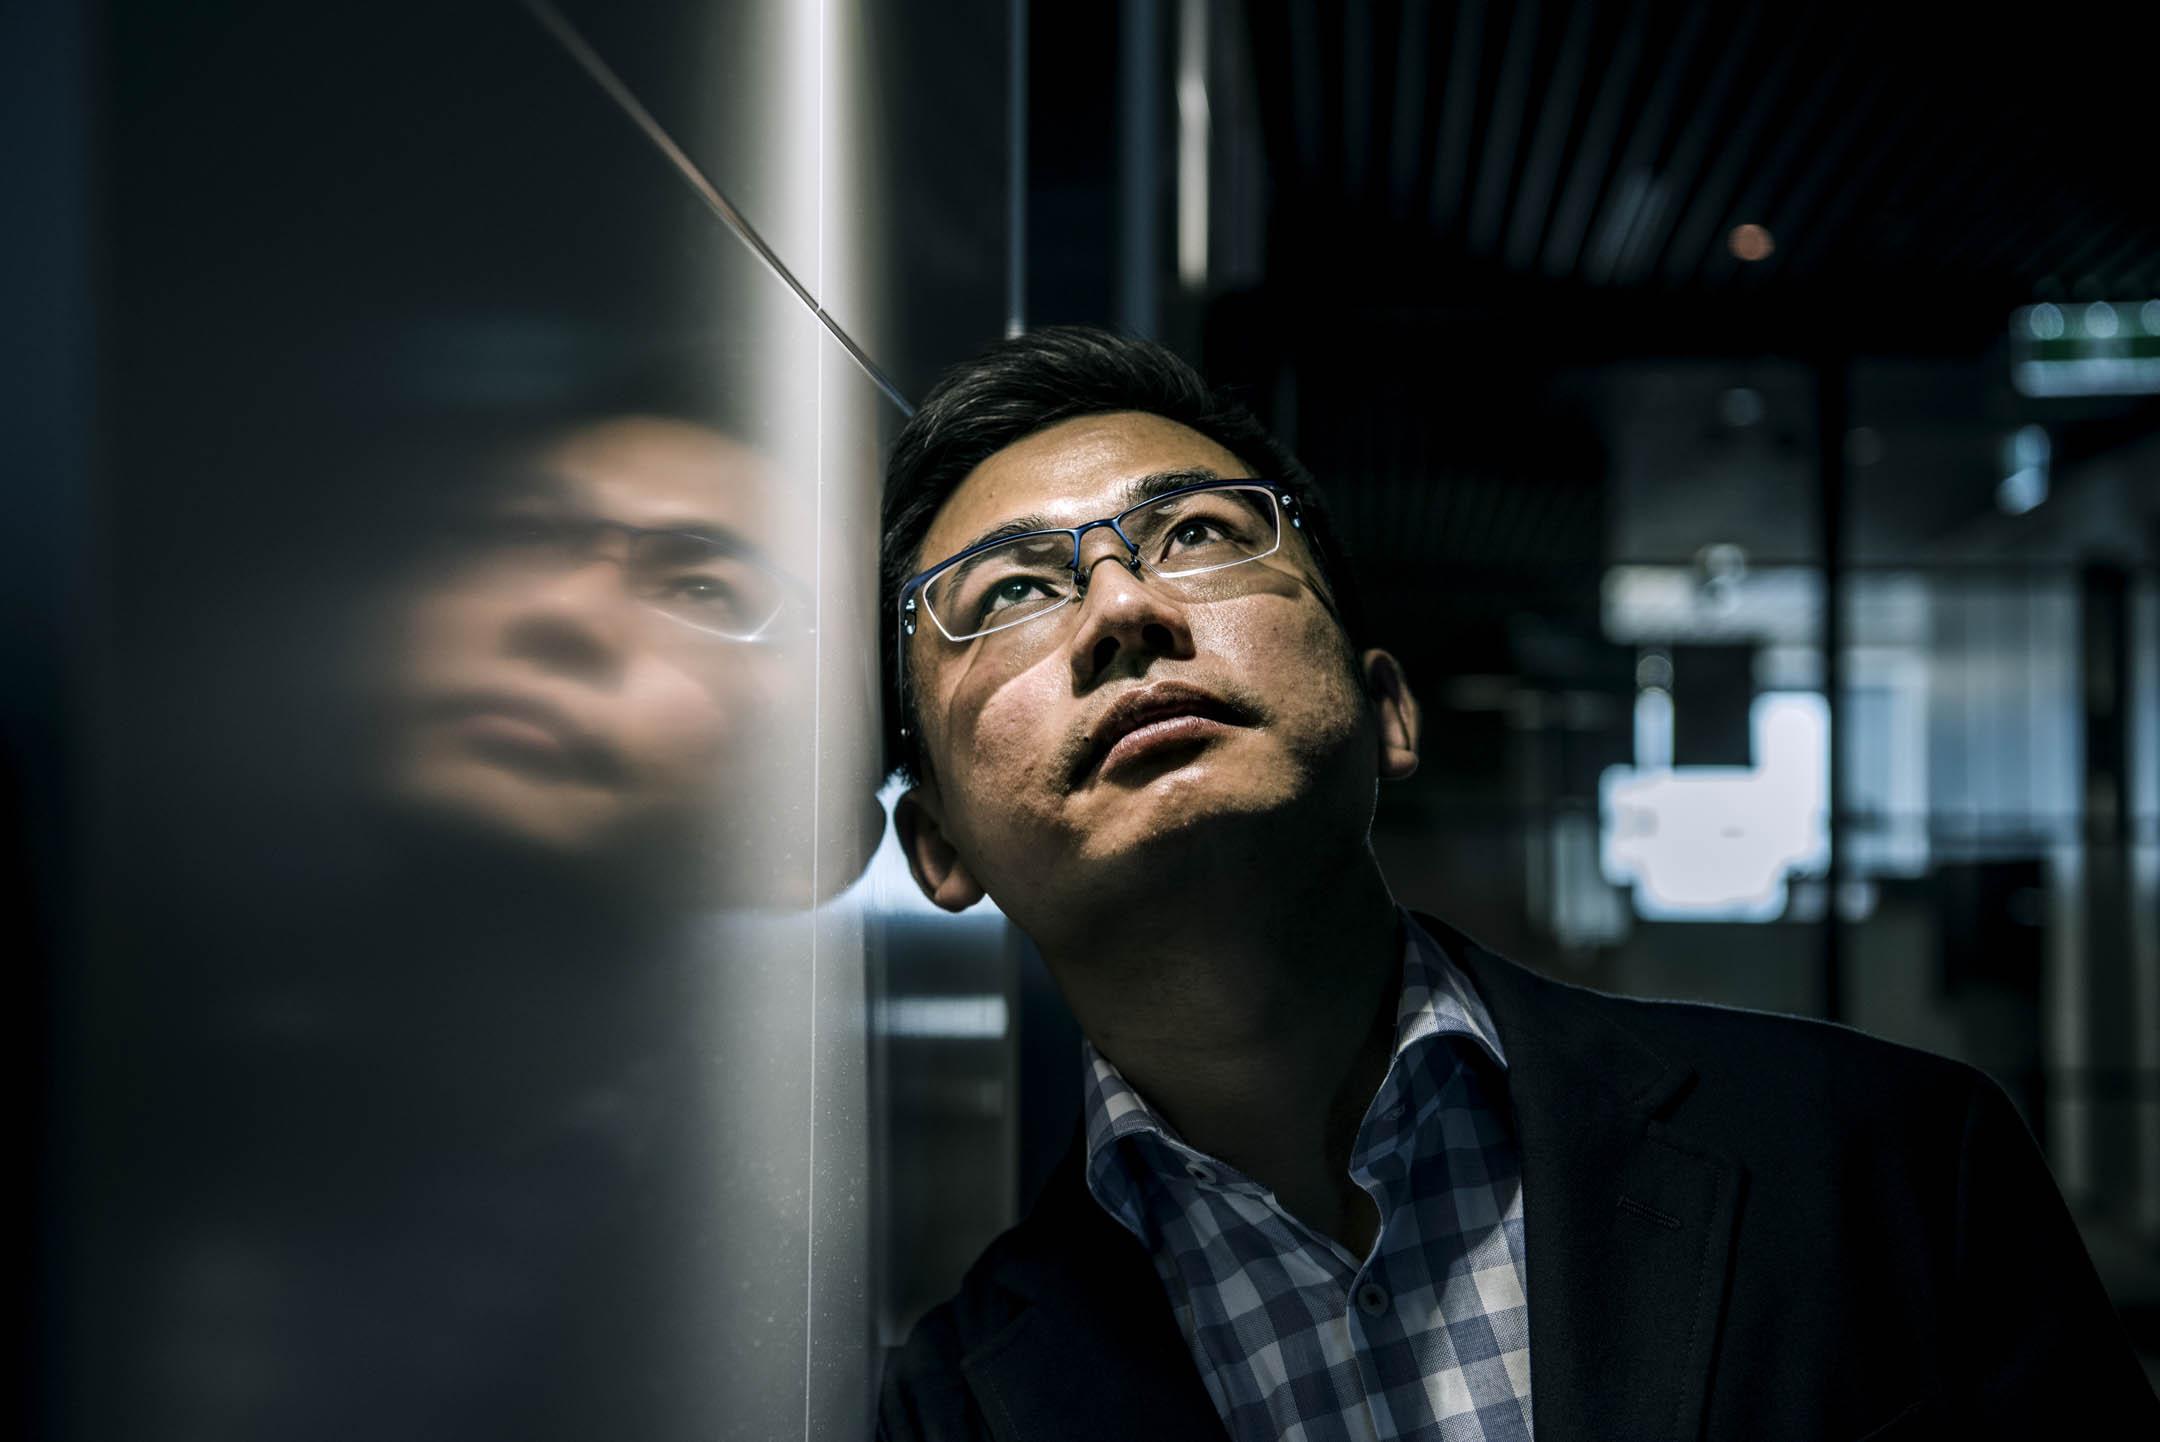 「叛諜」王立強聲稱自己在過去數年中,參與了一系列北京策劃的情報工作——辦理銅鑼灣書店案,滲透反修例運動,再到干預台灣大選和干涉澳洲內政。